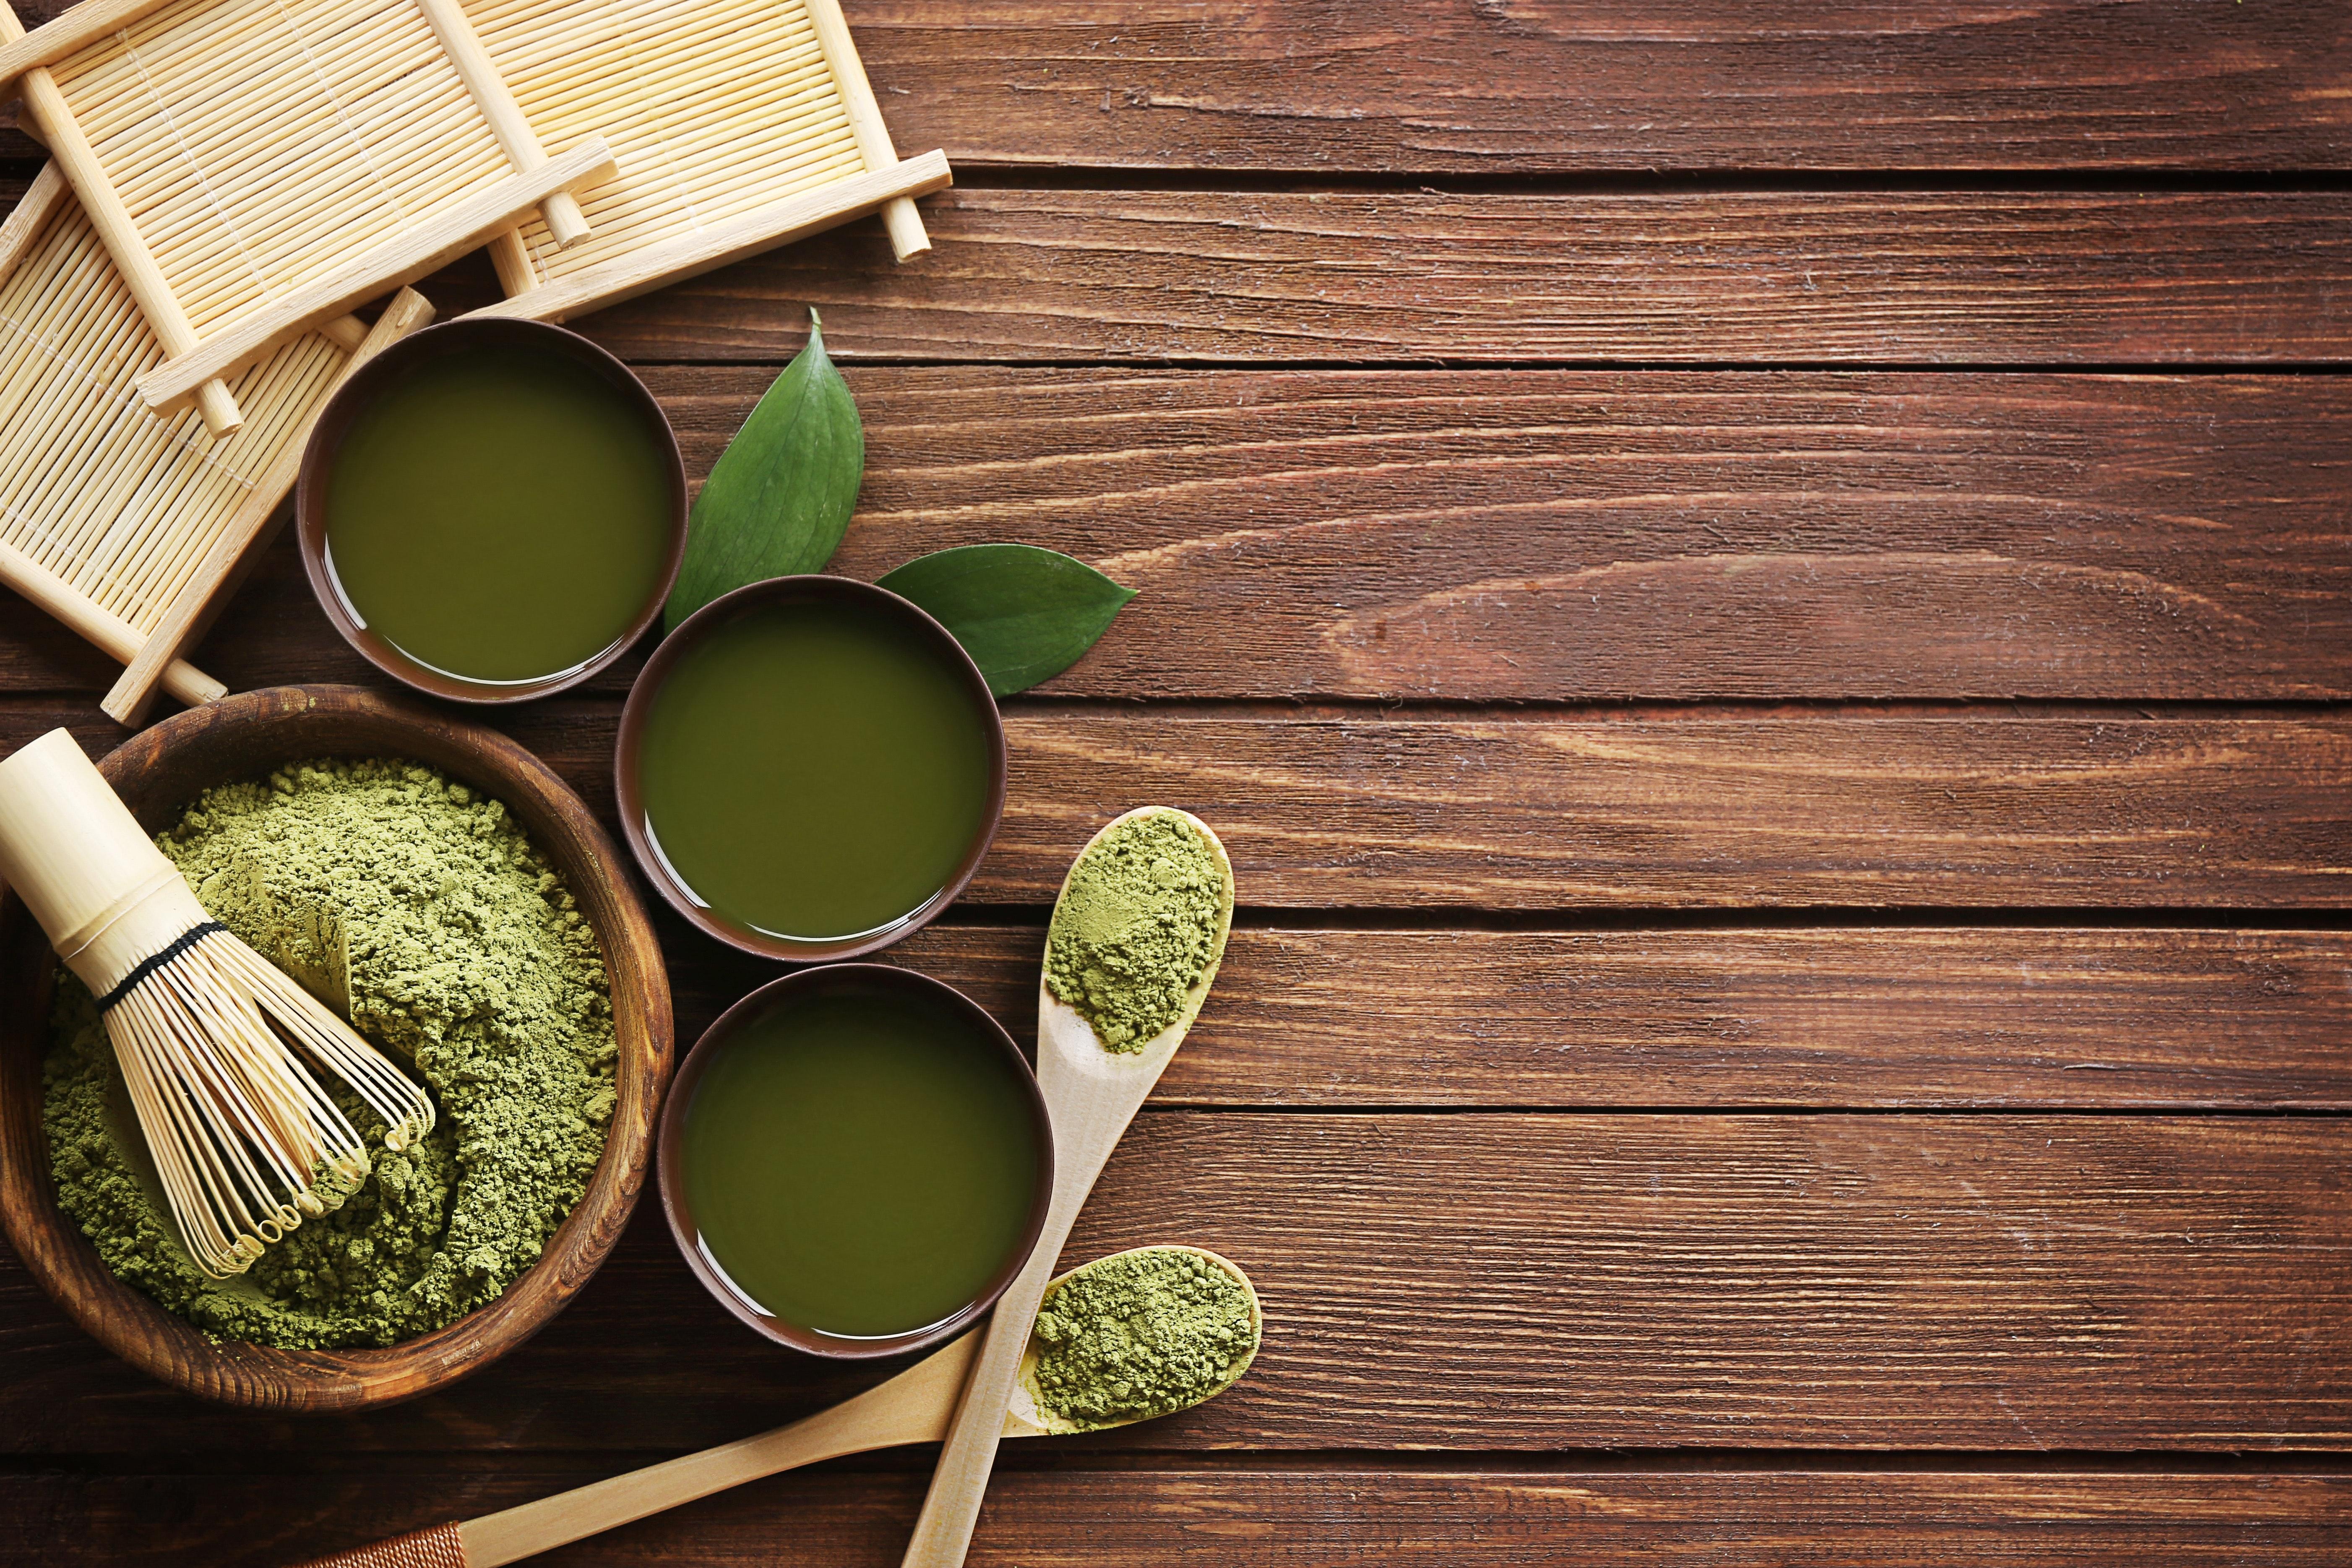 henna powder as a natural remedy to gray hair